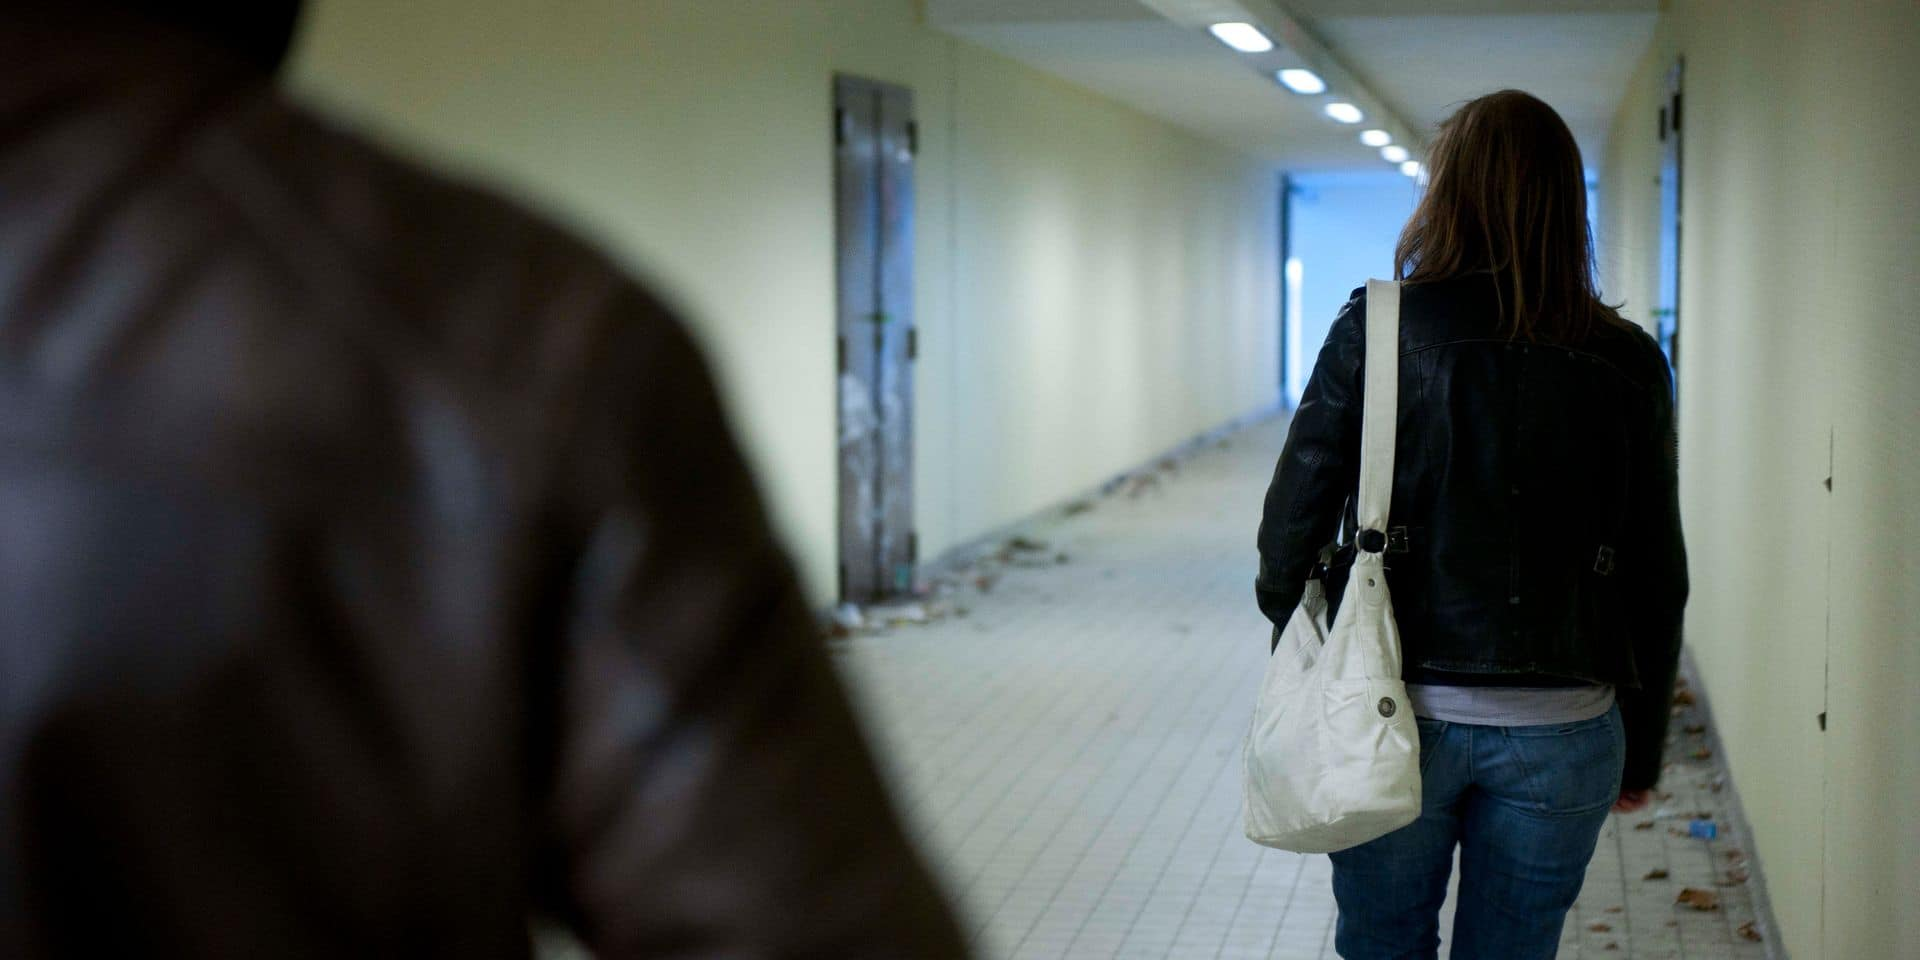 Tournai : une personne agressée pour son argent